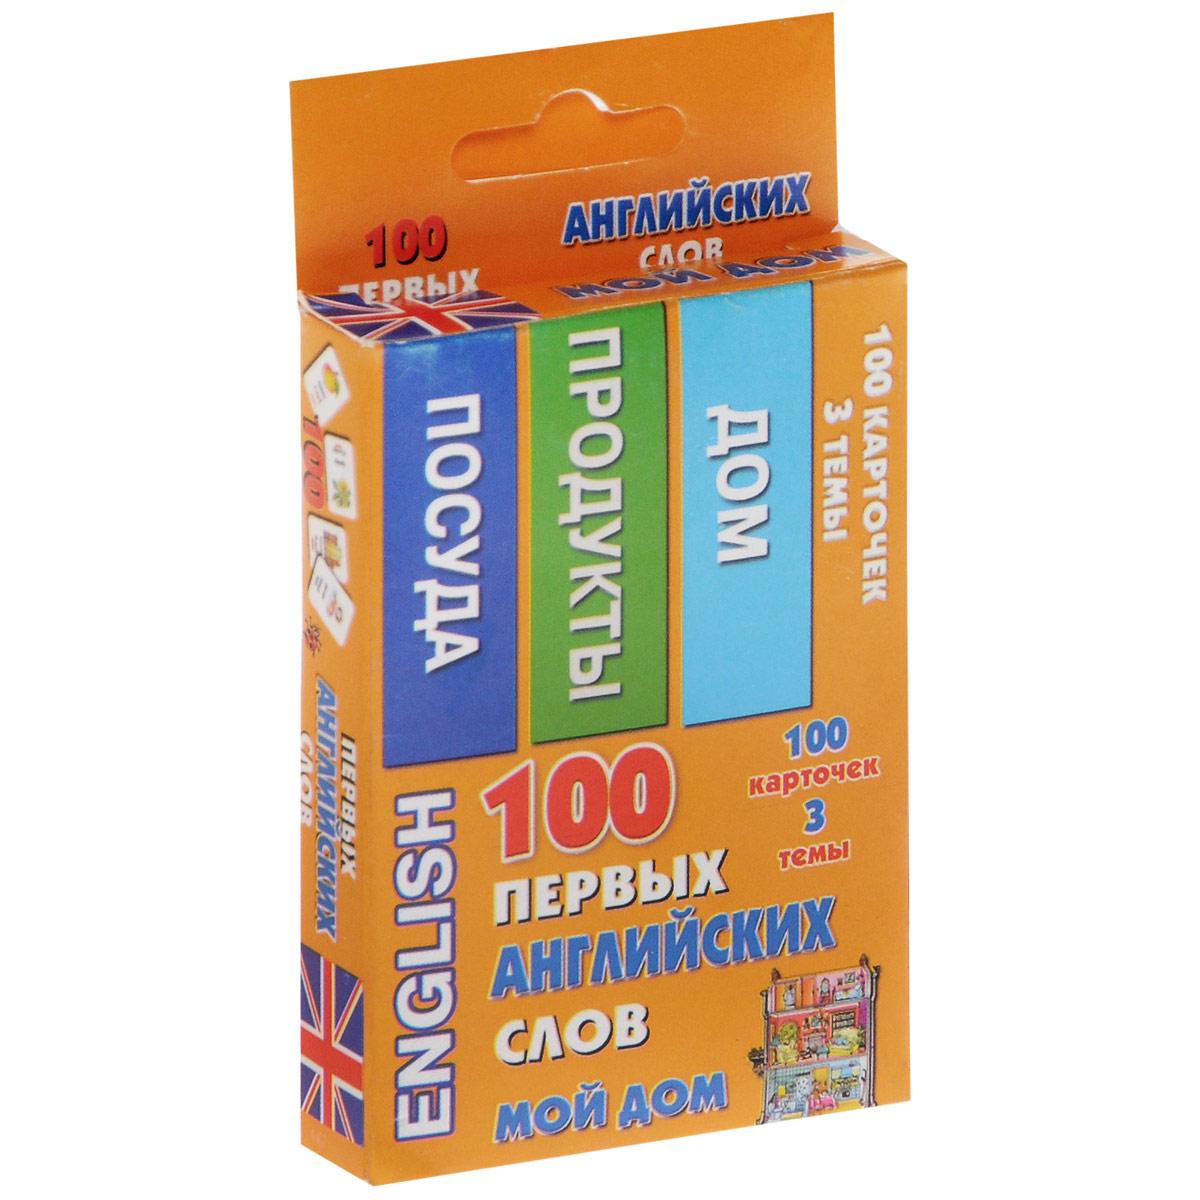 100 первых английских слов. Мой дом (набор из 100 карточек) наборы карточек шпаргалки для мамы набор карточек детские розыгрыши